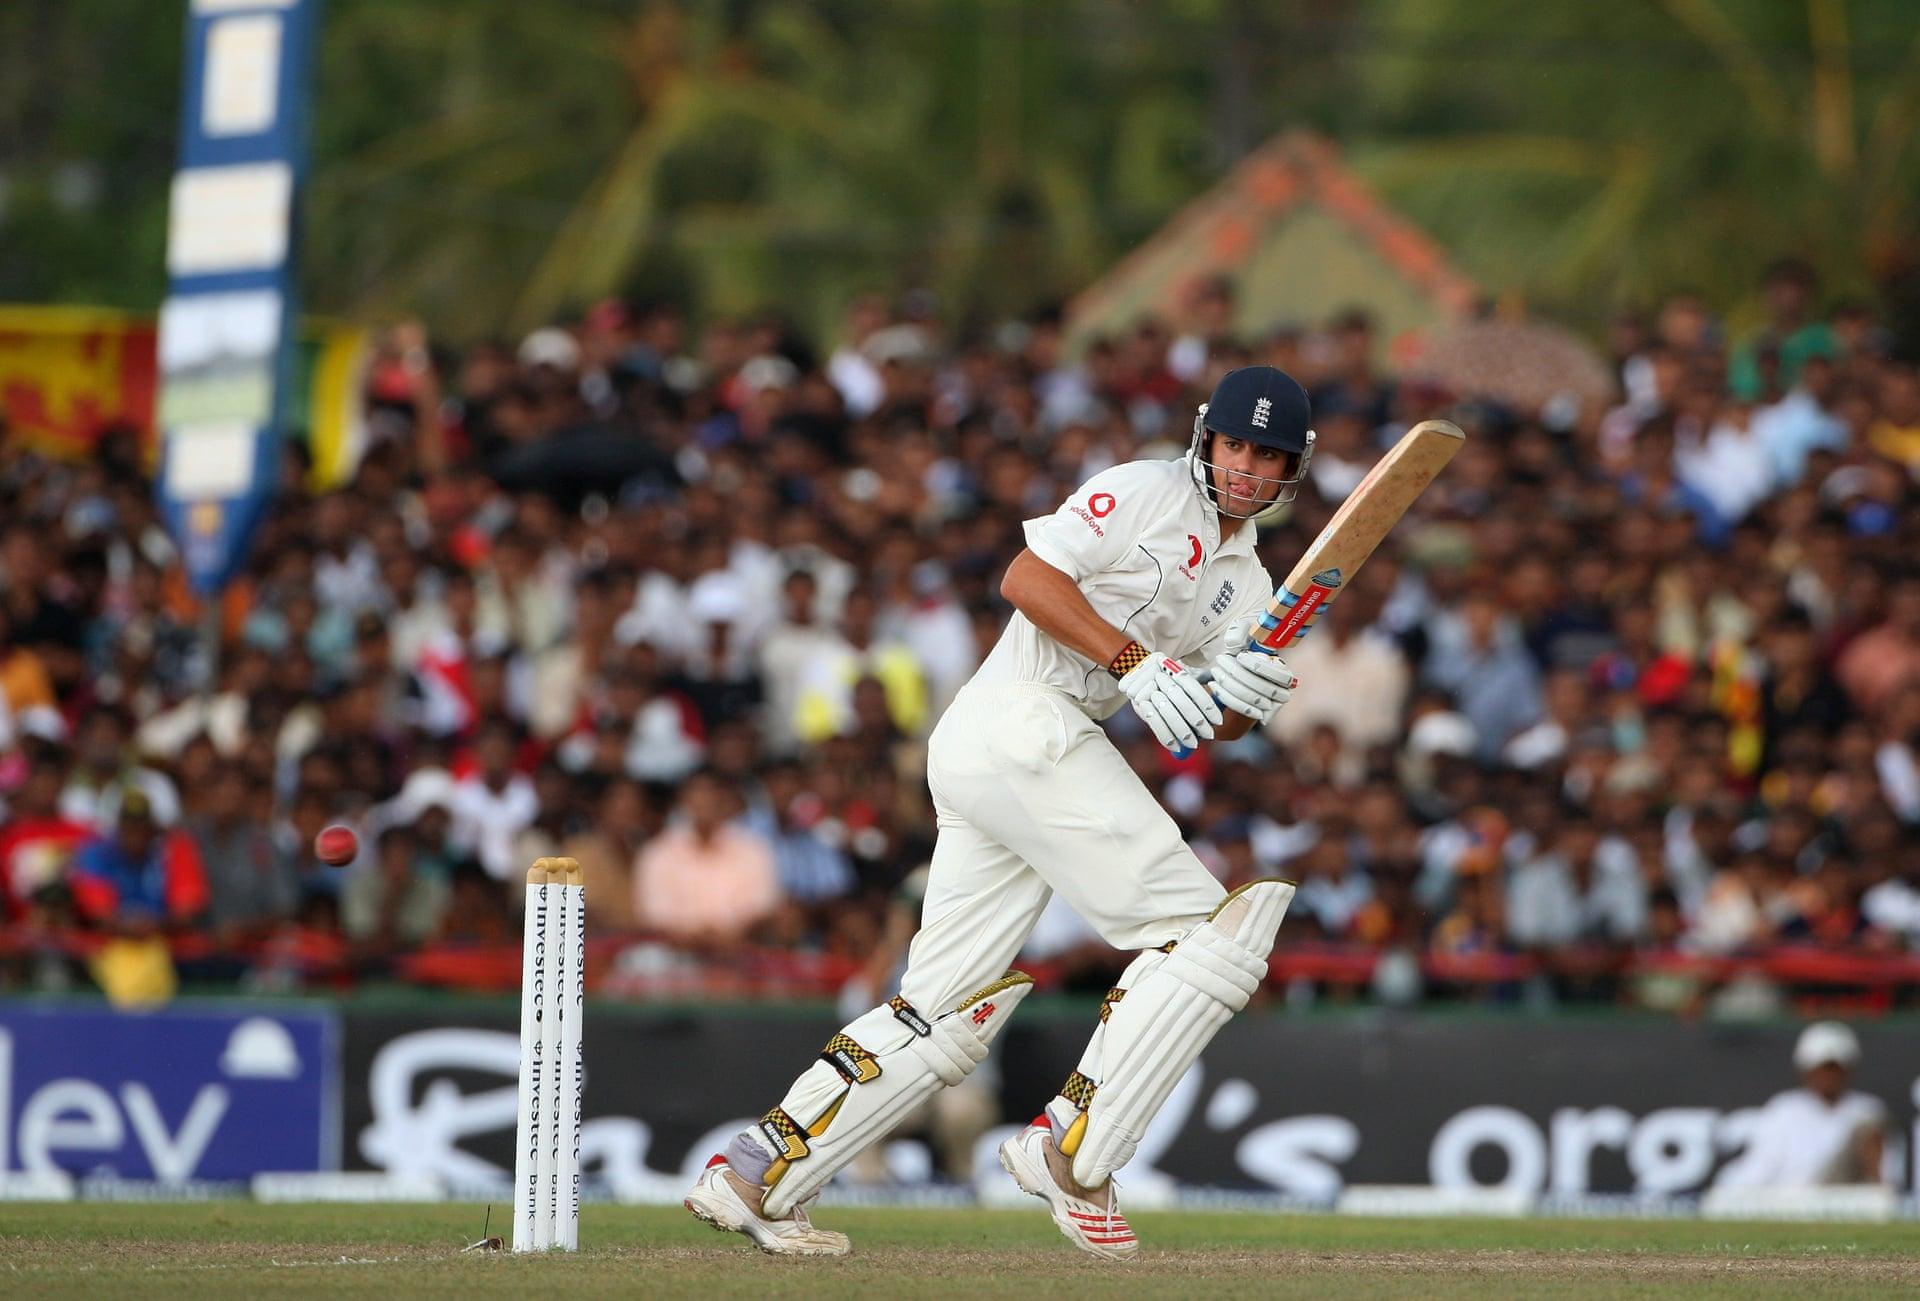 ENG vs IND: भारत के खिलाफ डेब्यू करने वाले एलिस्टर कुक टीम इंडिया के खिलाफ ही करेंगे सन्यास की घोषणा, ये हैं करियर की 5 सर्वश्रेष्ठ पारियां 2